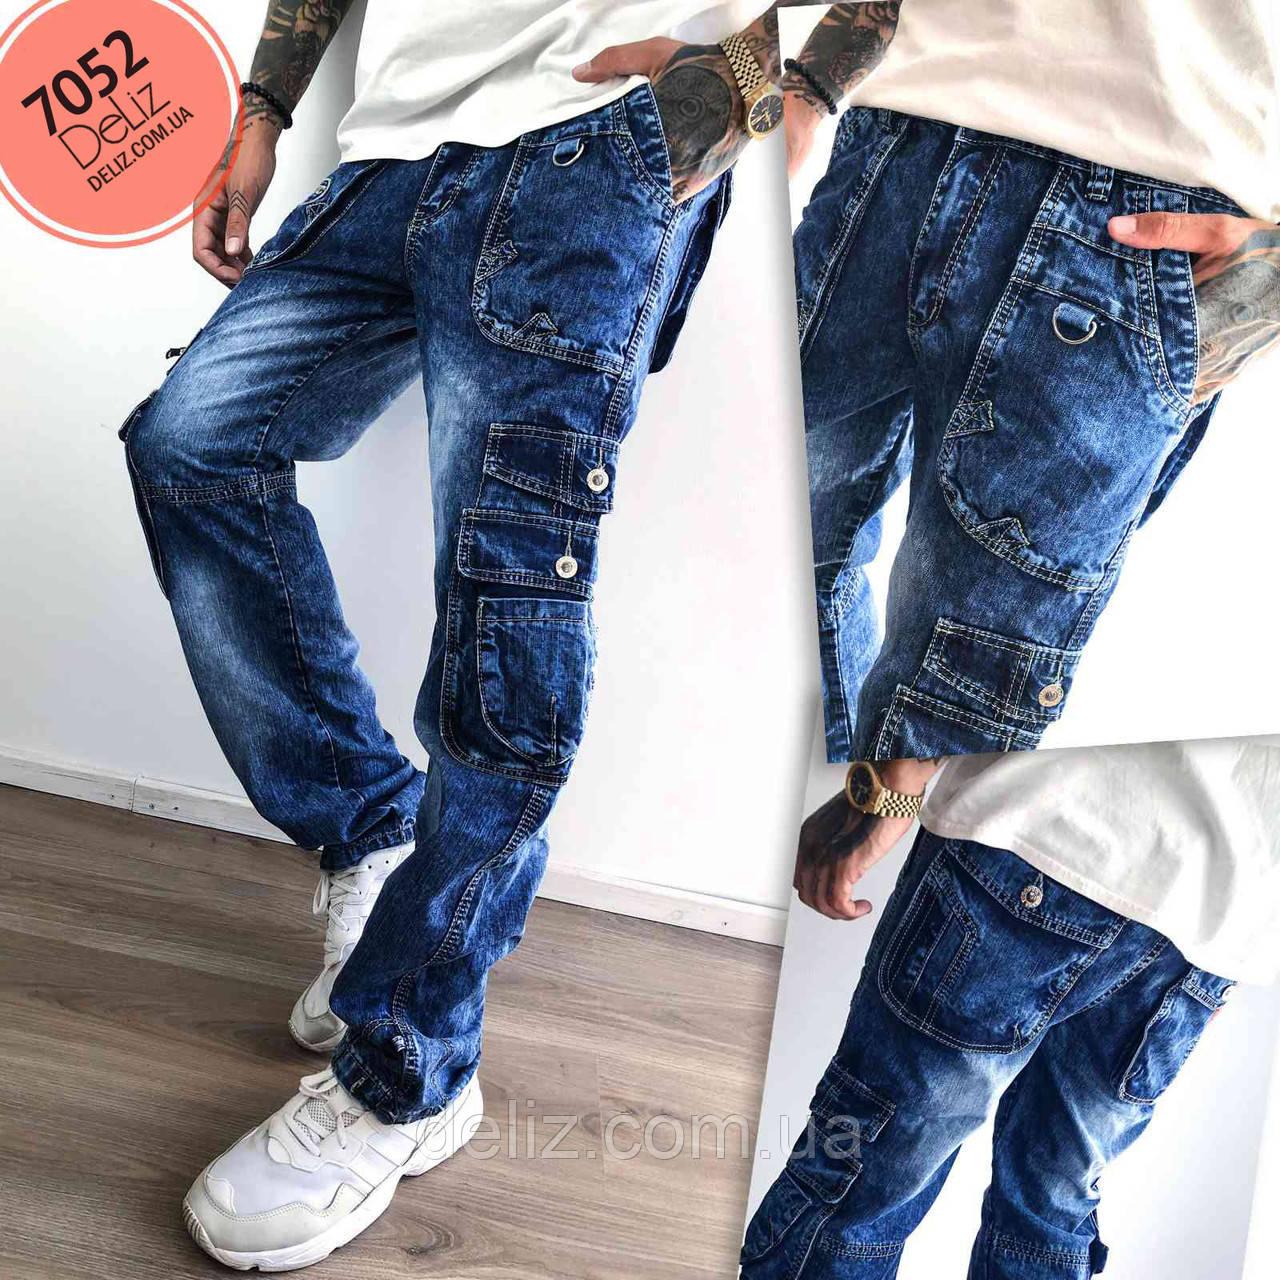 Чоловічі молодіжні джинси Vigoocc 7052 карго з кишенями. Розмір 30